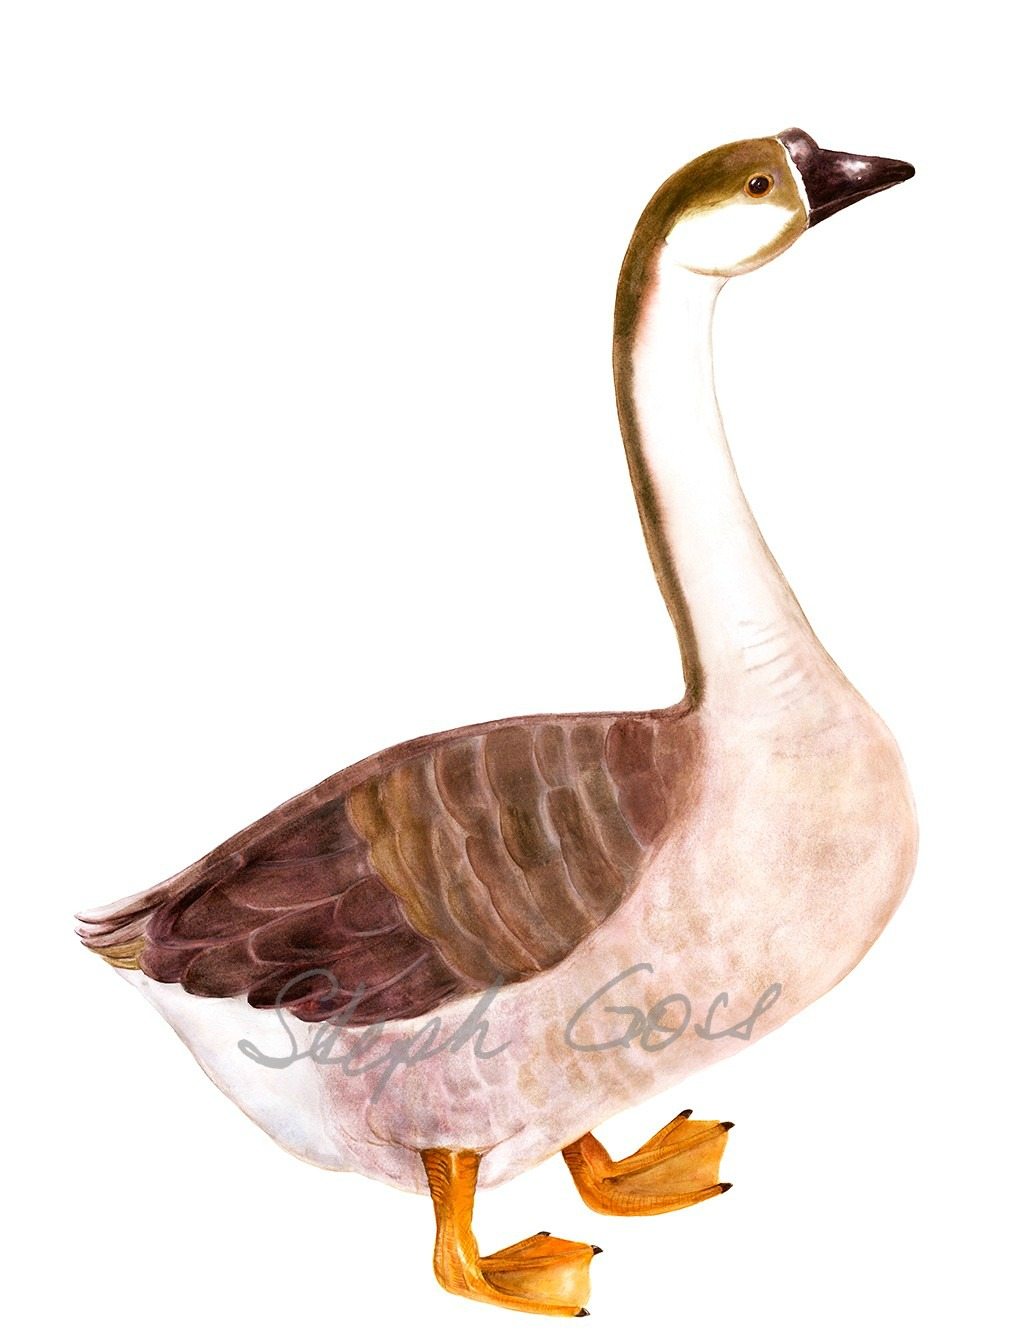 18. Goose